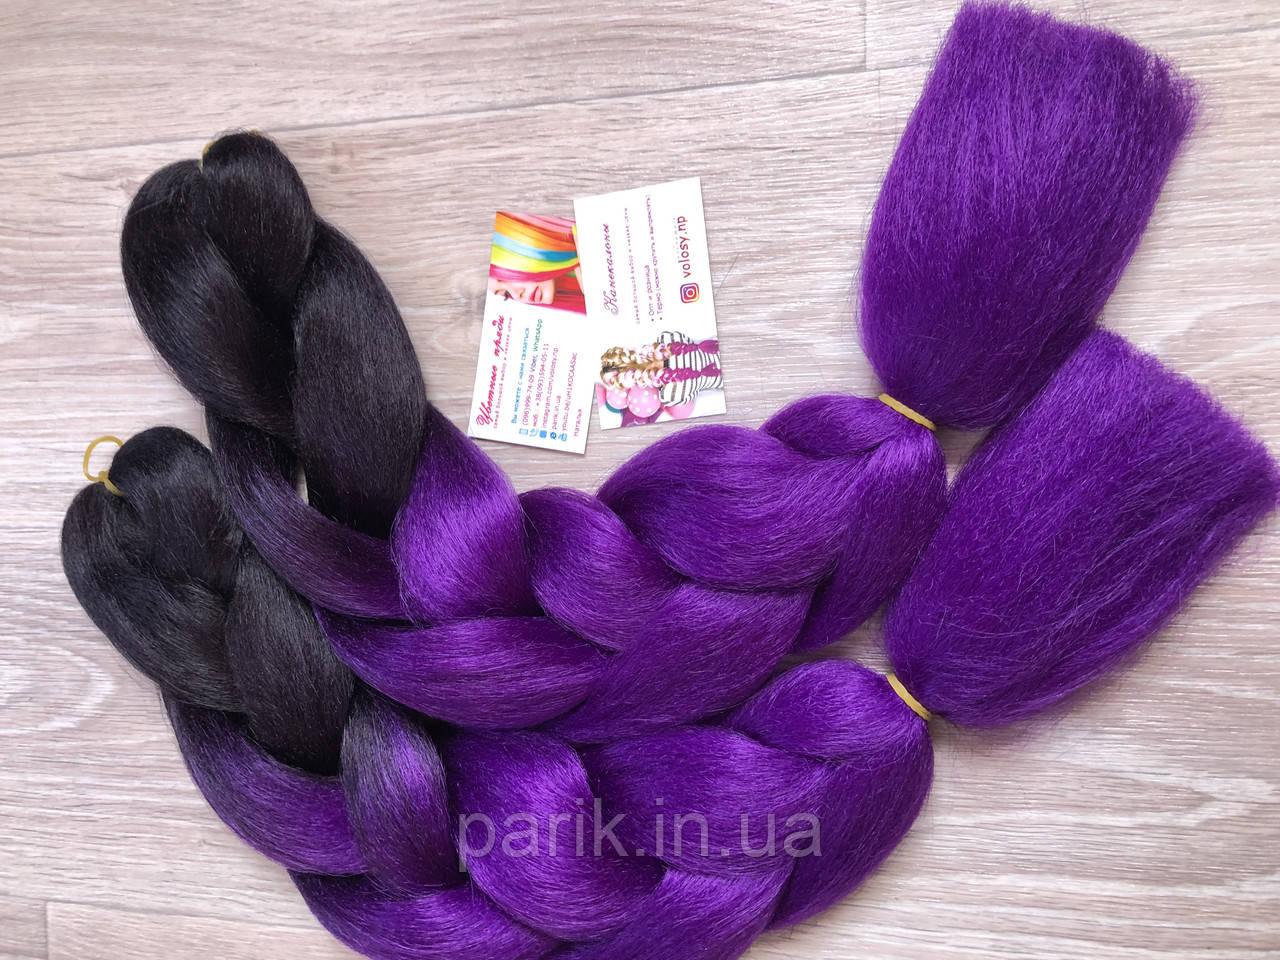 🖤💜Омбре канекалаон чёрный-фиолет для брейд, кос, причёсок, вплетение в волосы 🖤💜